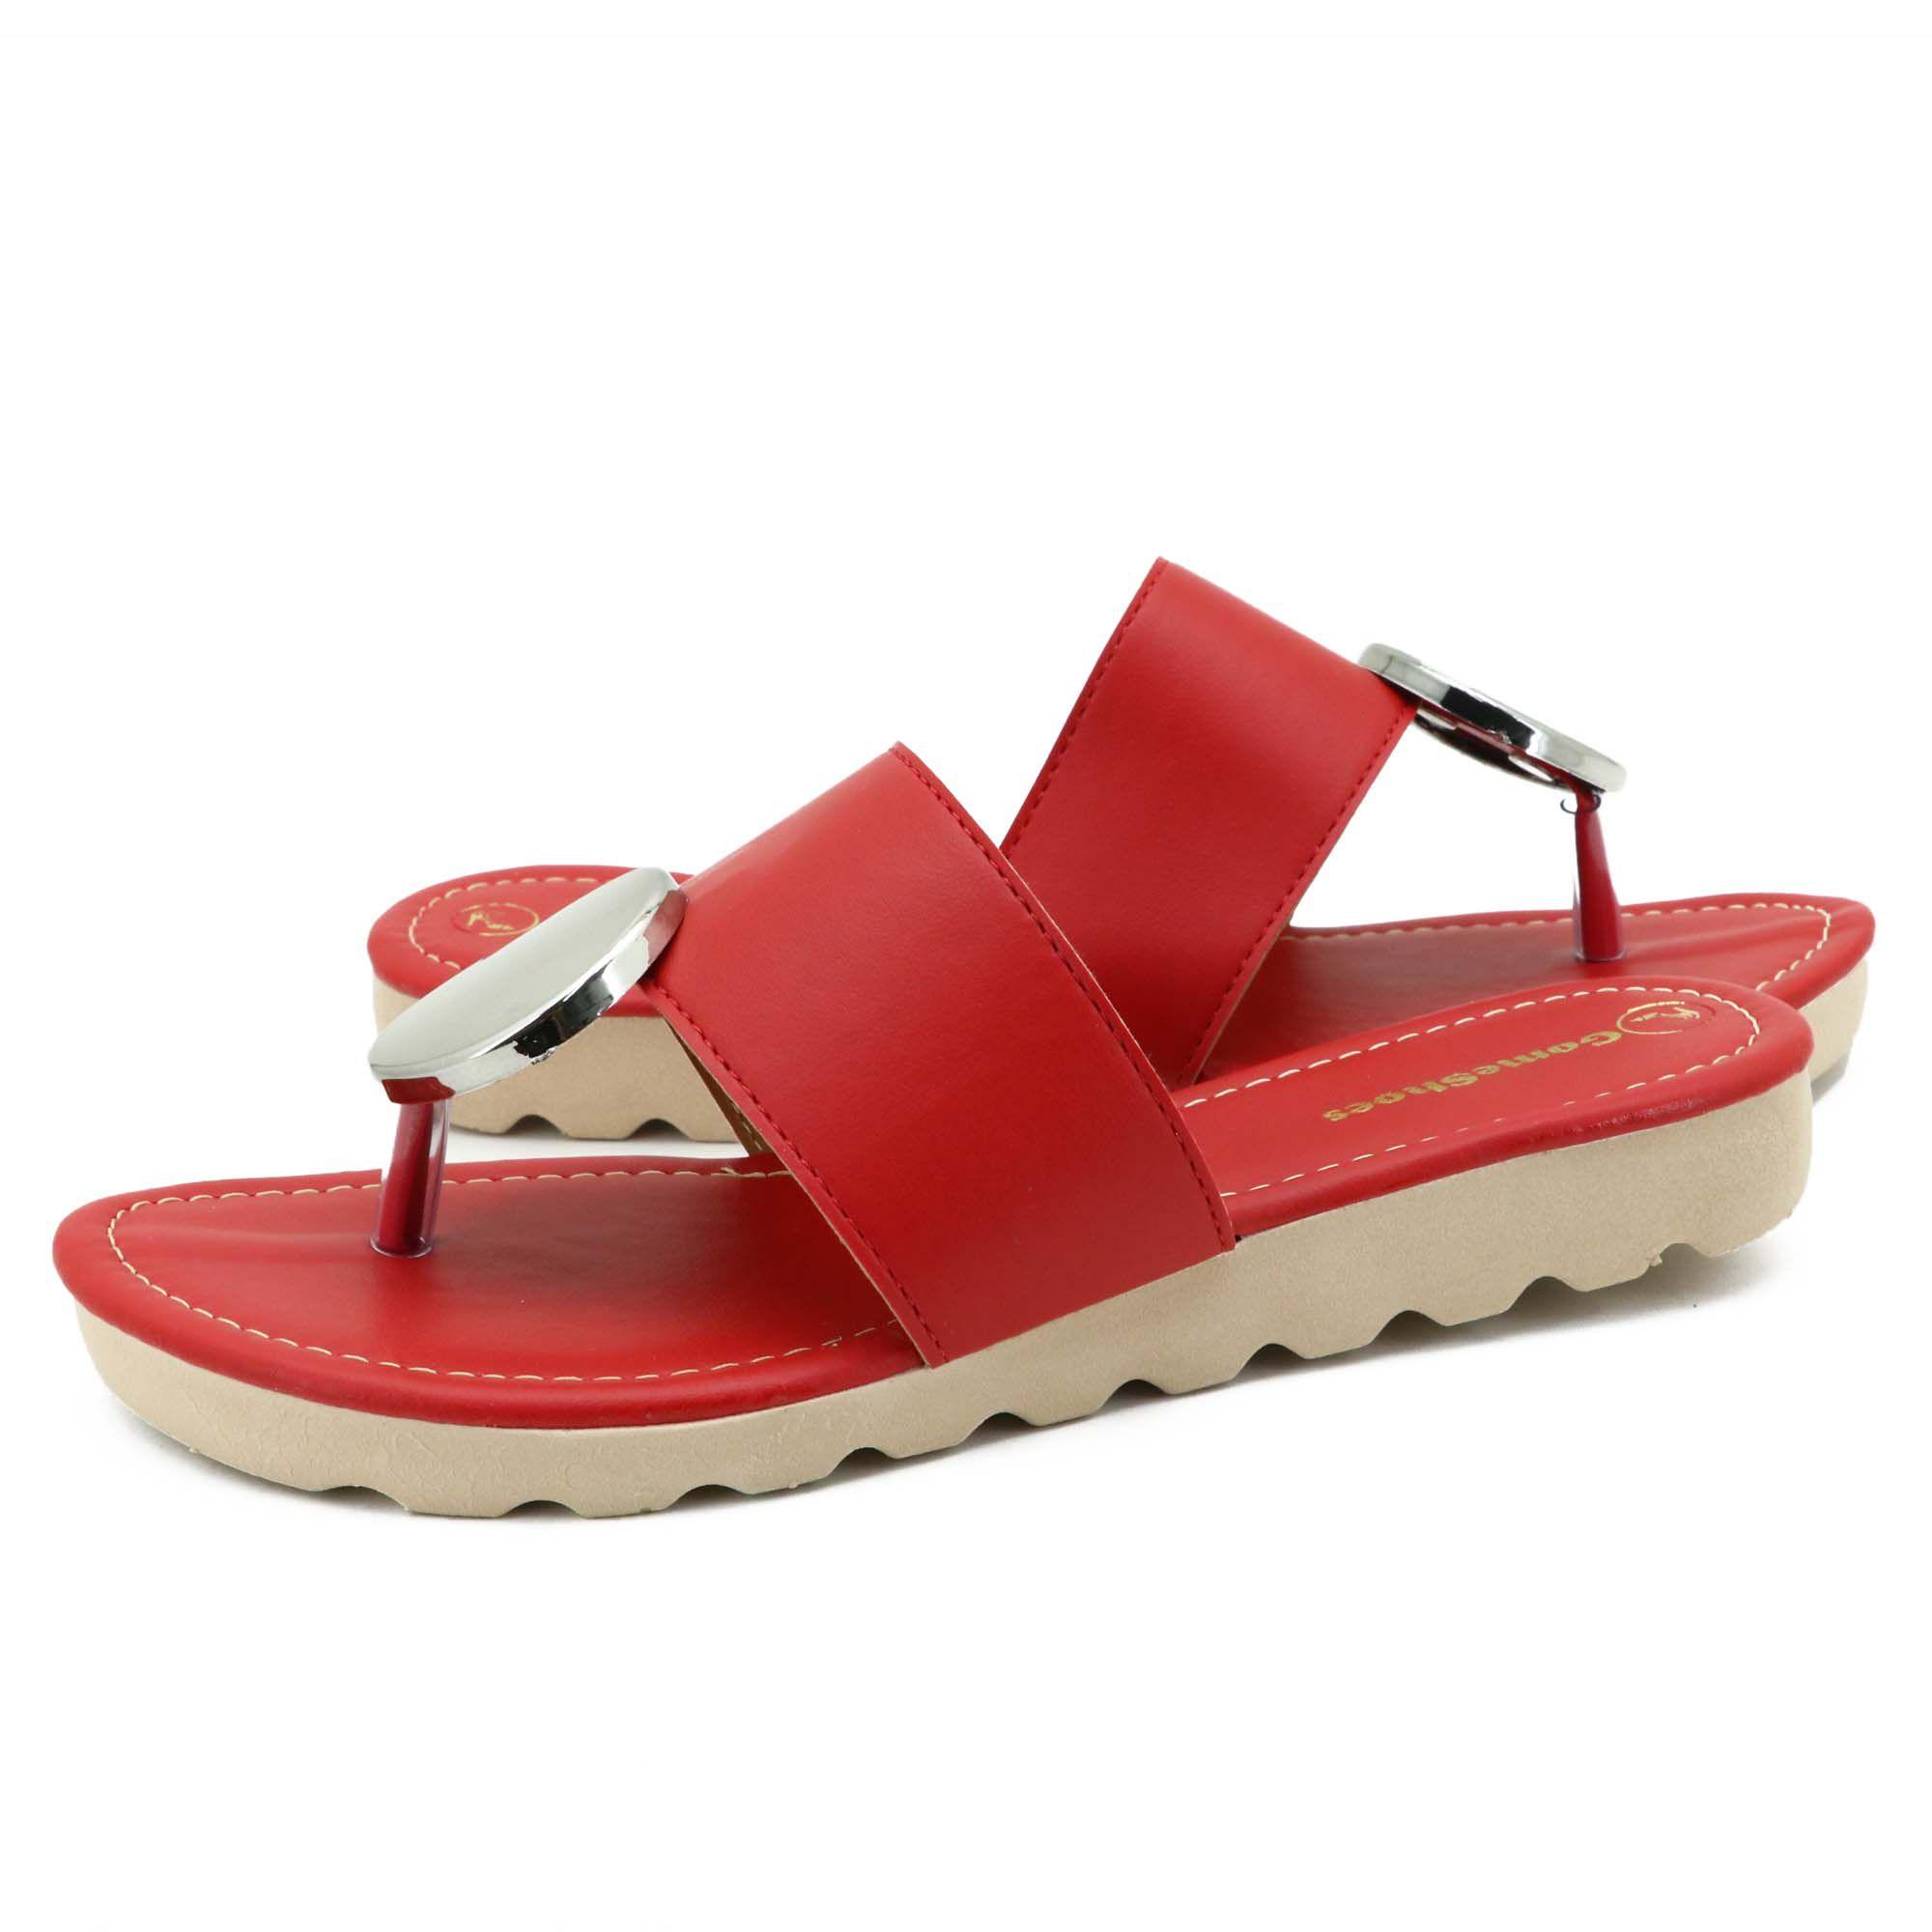 Sandália rasteirinha feminina vermelha casual com metal prata 01